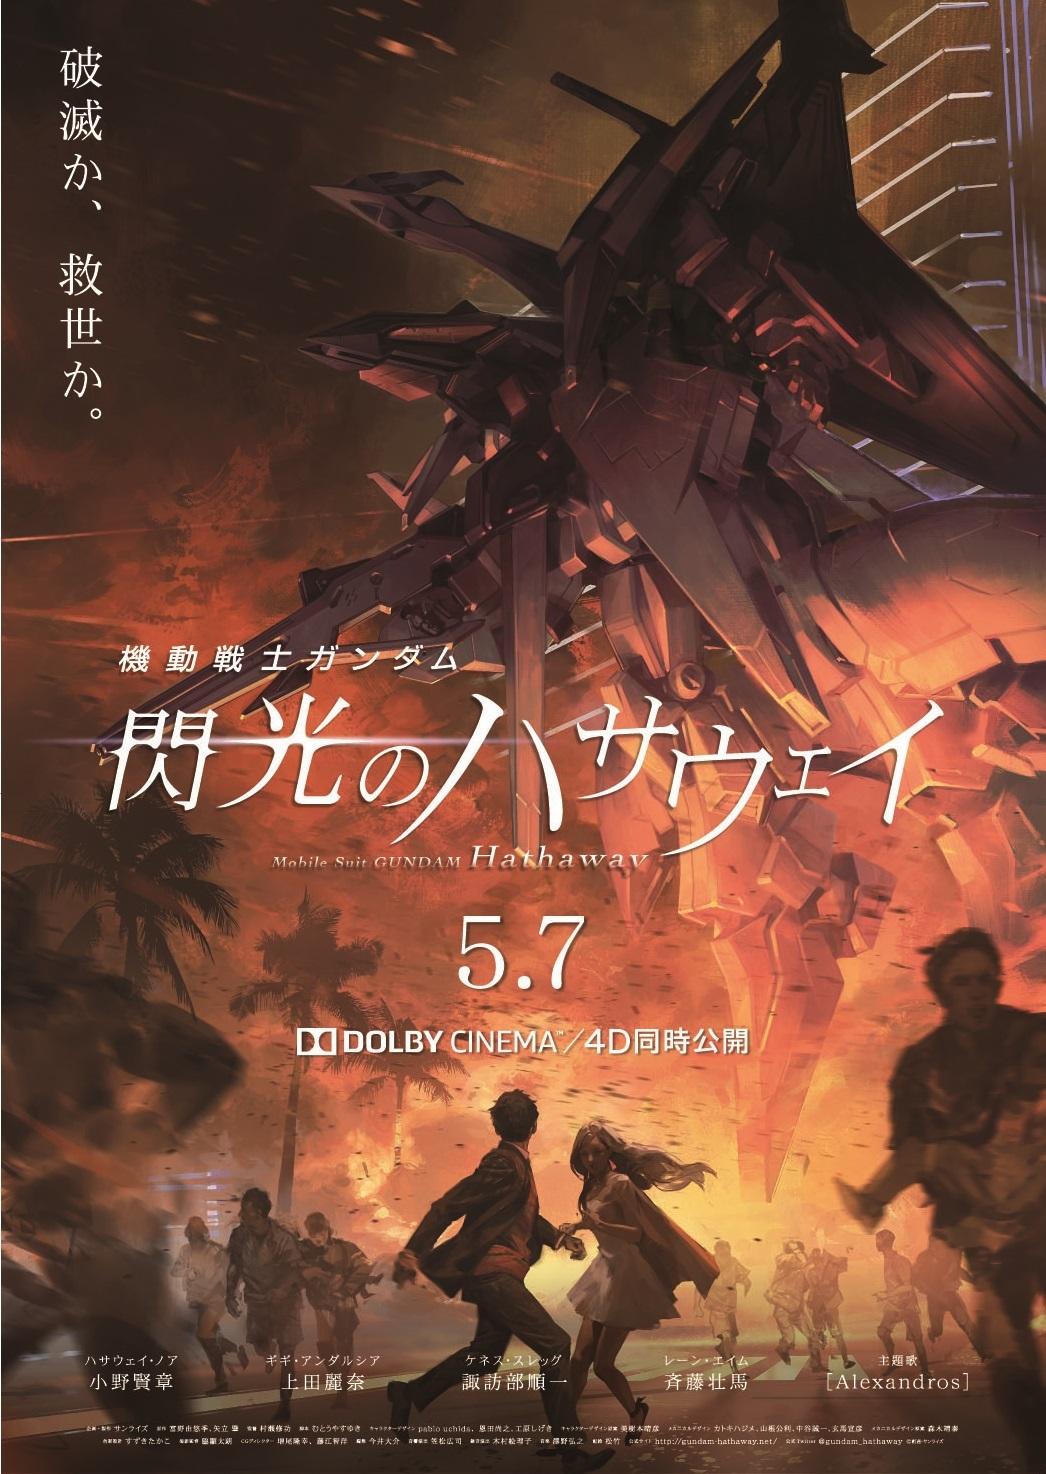 『機動戦士ガンダム 閃光のハサウェイ』キービジュアル (C)創通・サンライズ